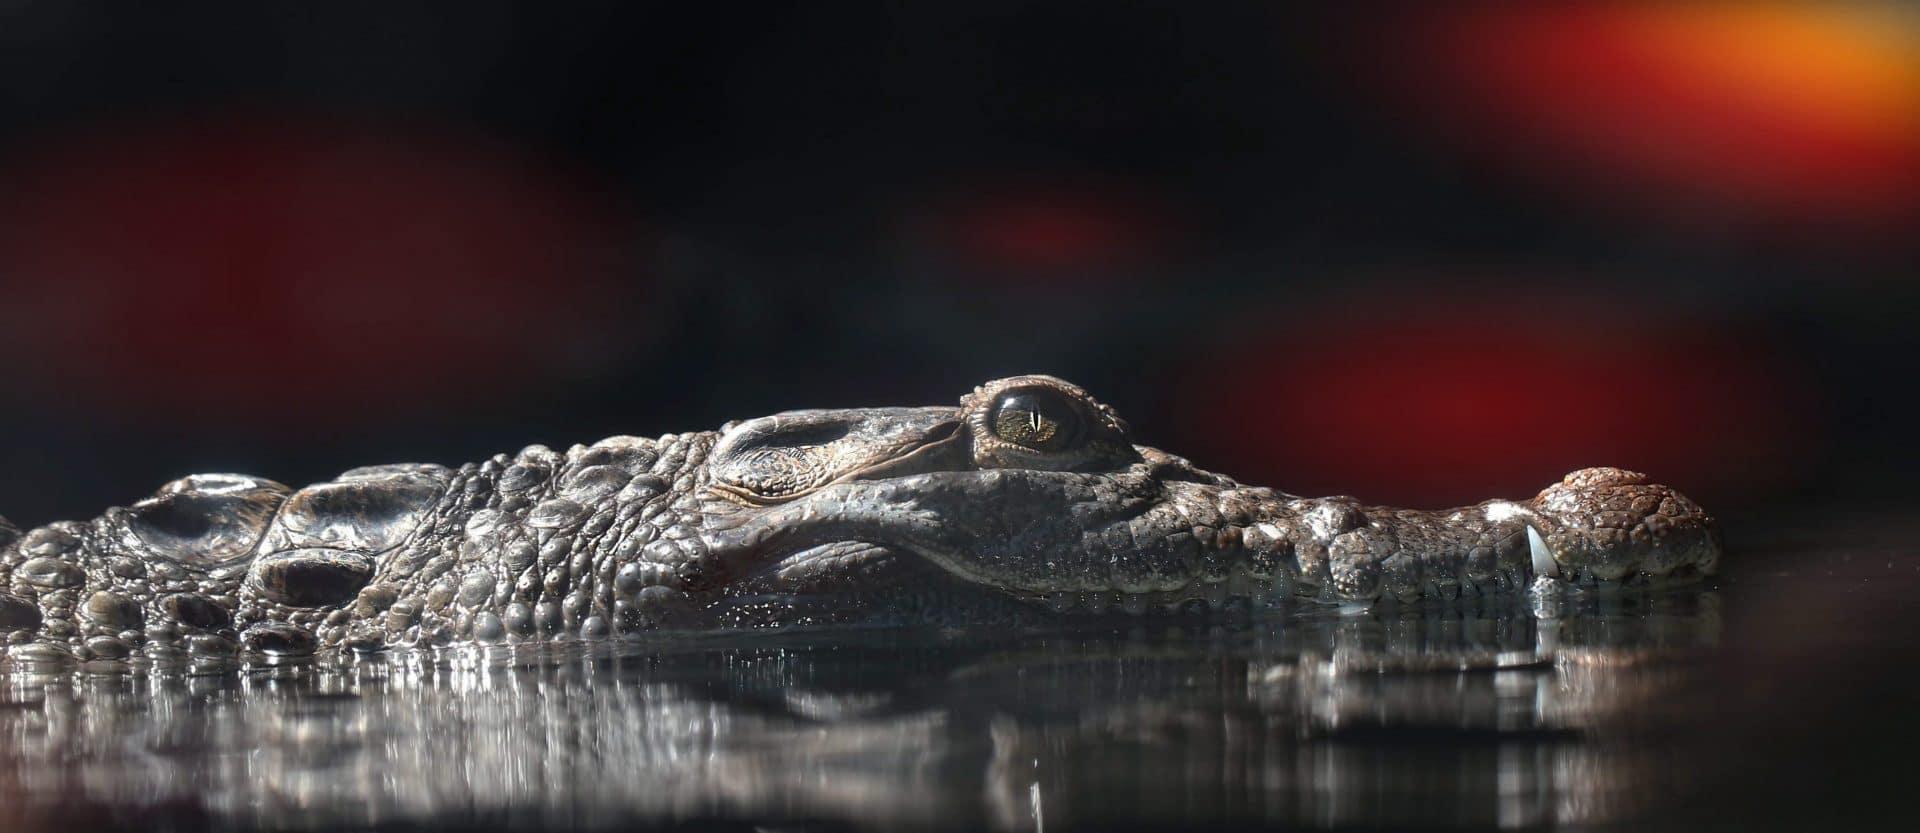 Krokodille - Rudi